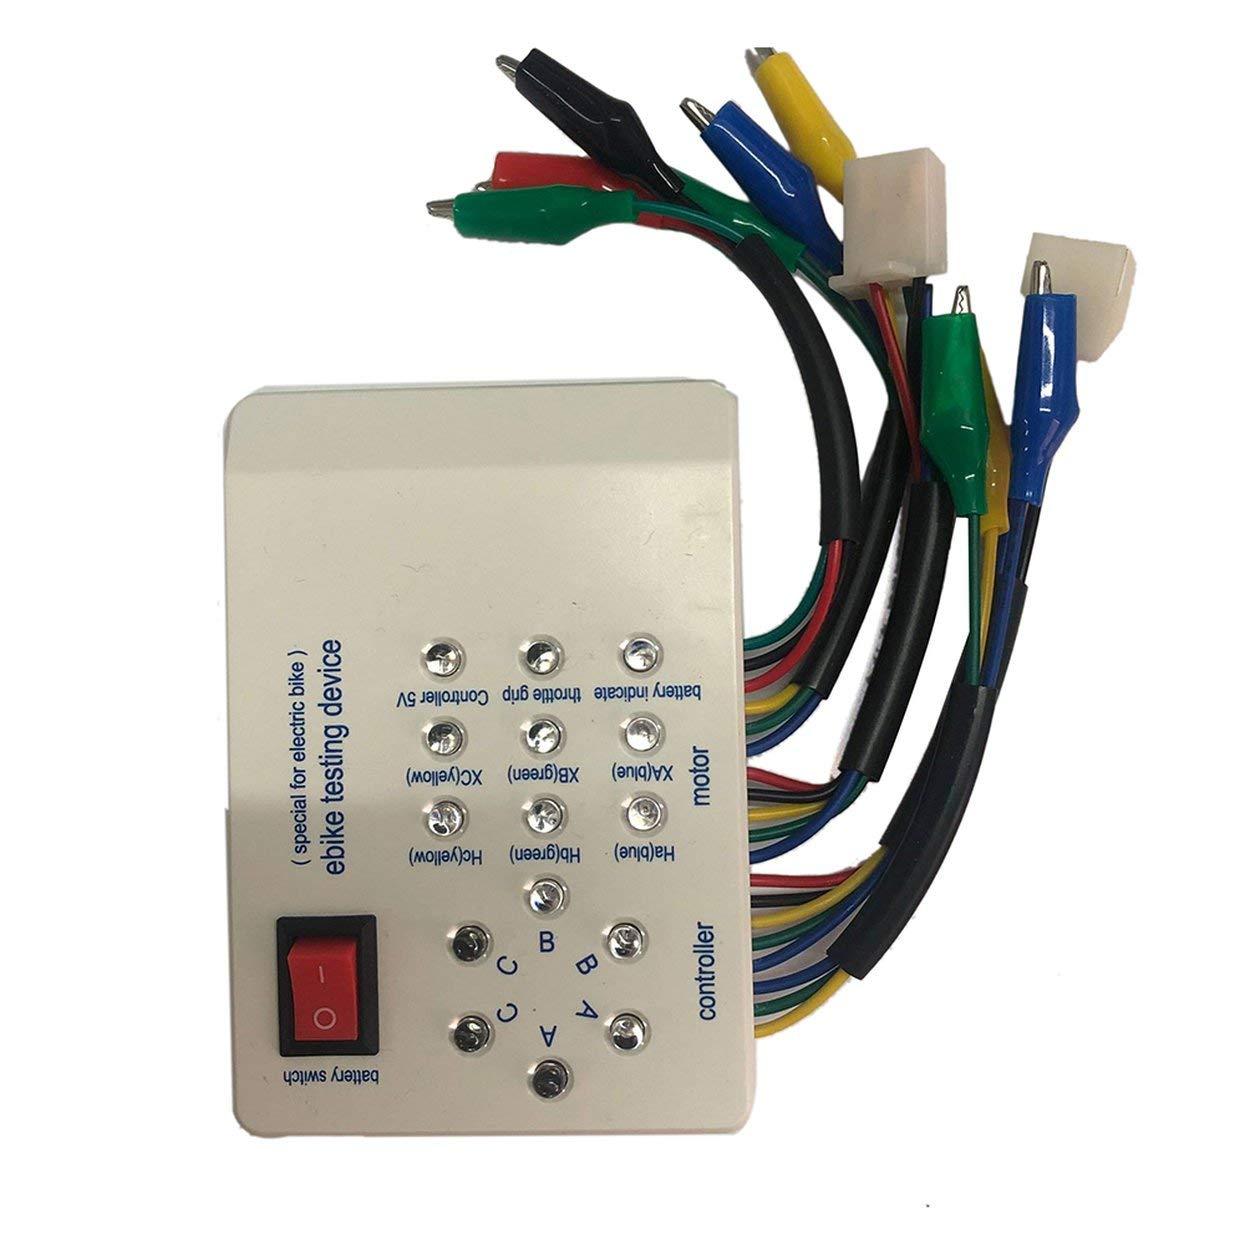 Controller Brushless Motor Tester For Car Scooter 10.5*7.5mm 24V//36V//48V//60V//72V